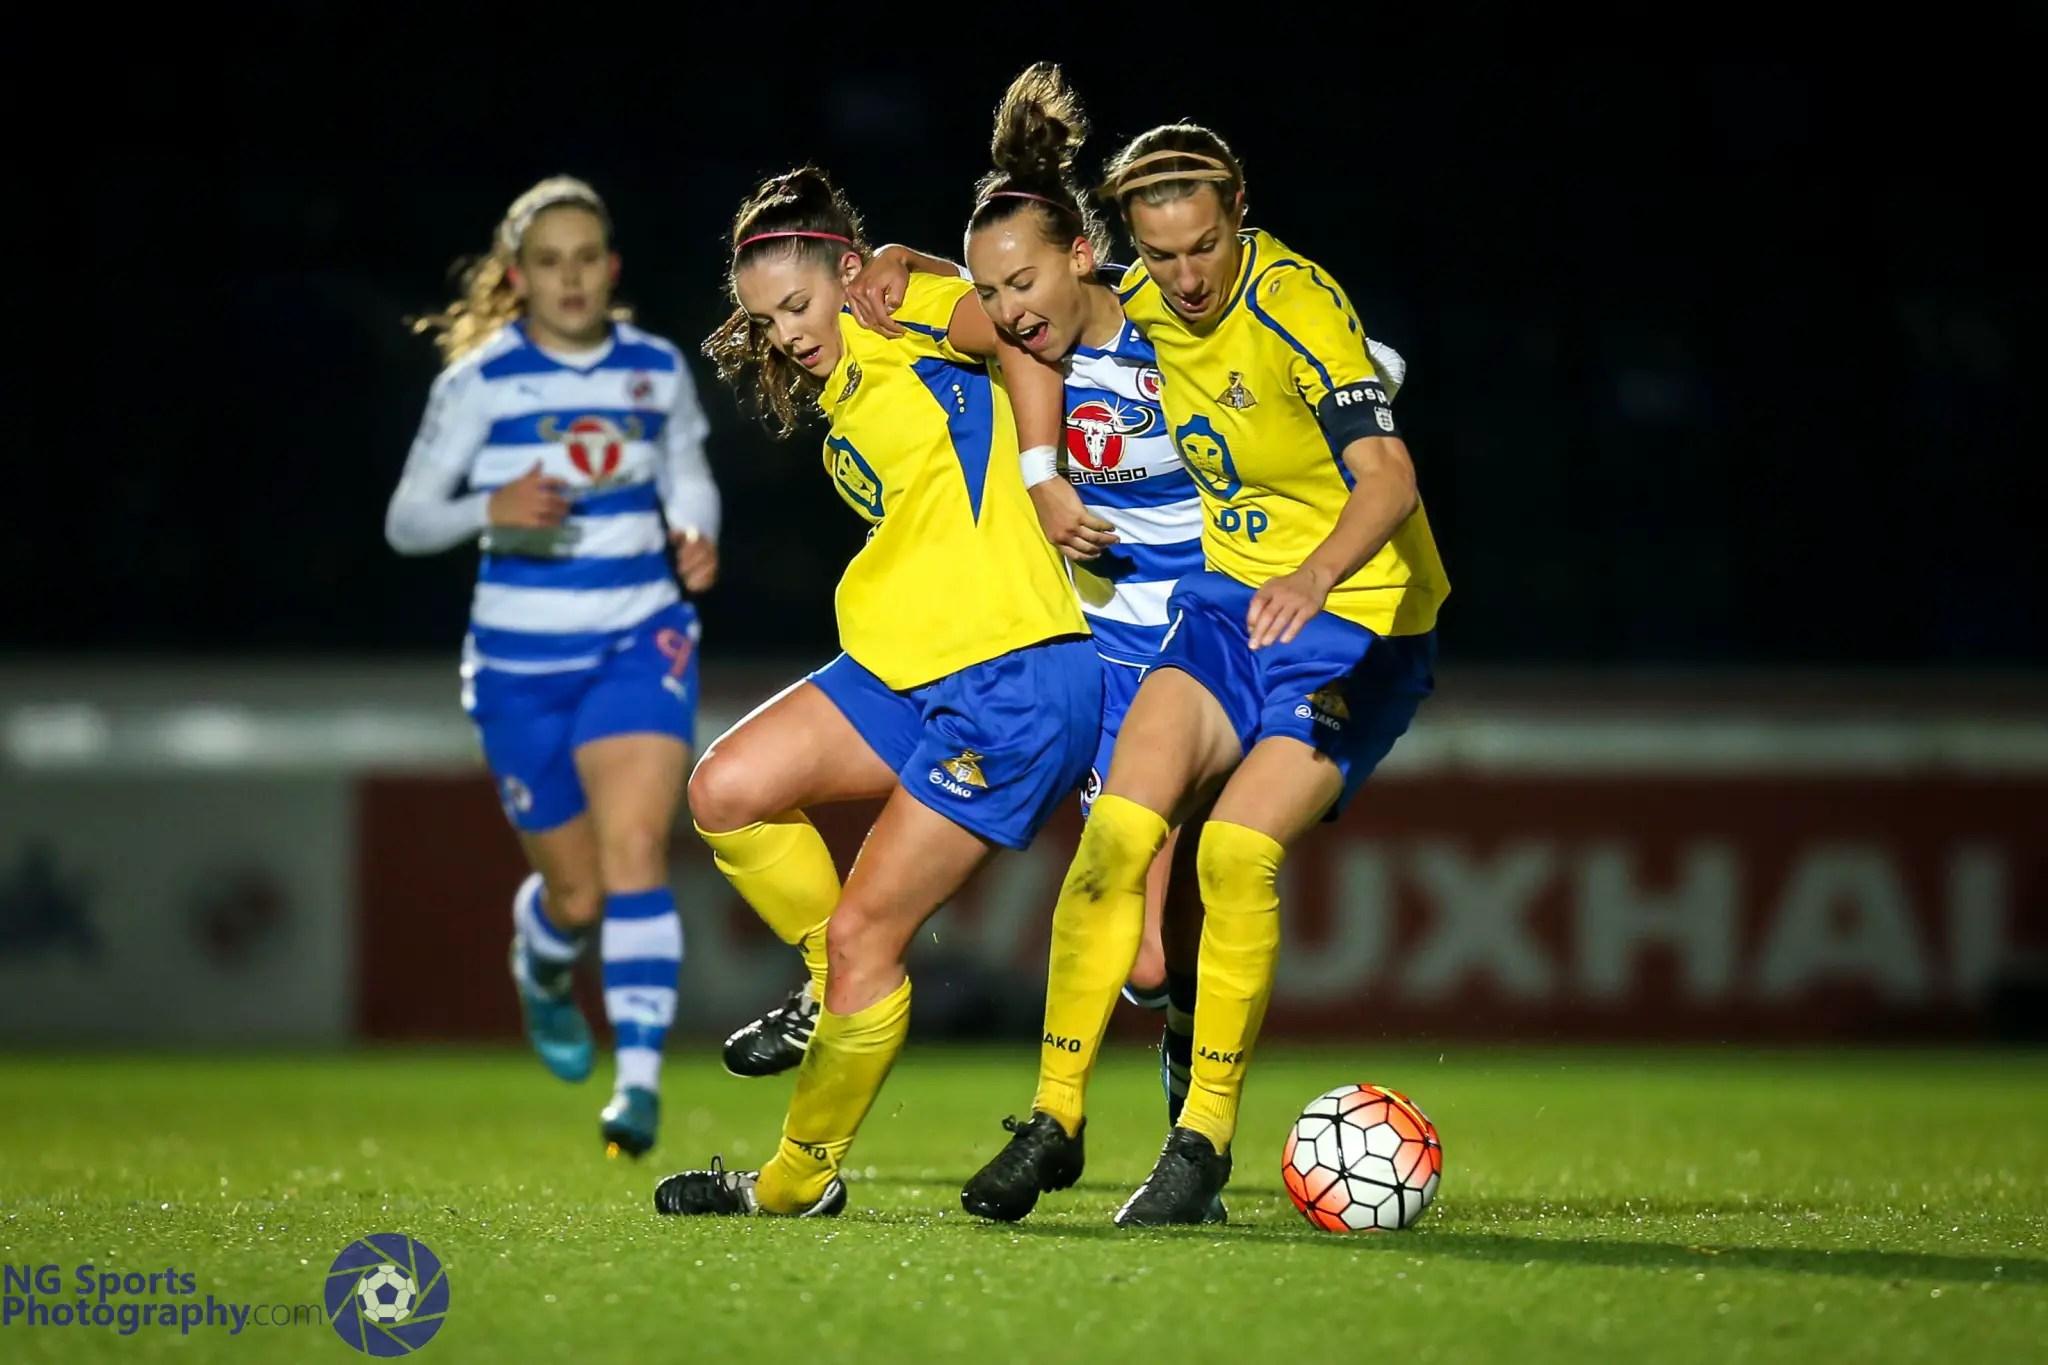 Reading FC Women 0 Doncaster Belles 1: Not quite the fairytale ending